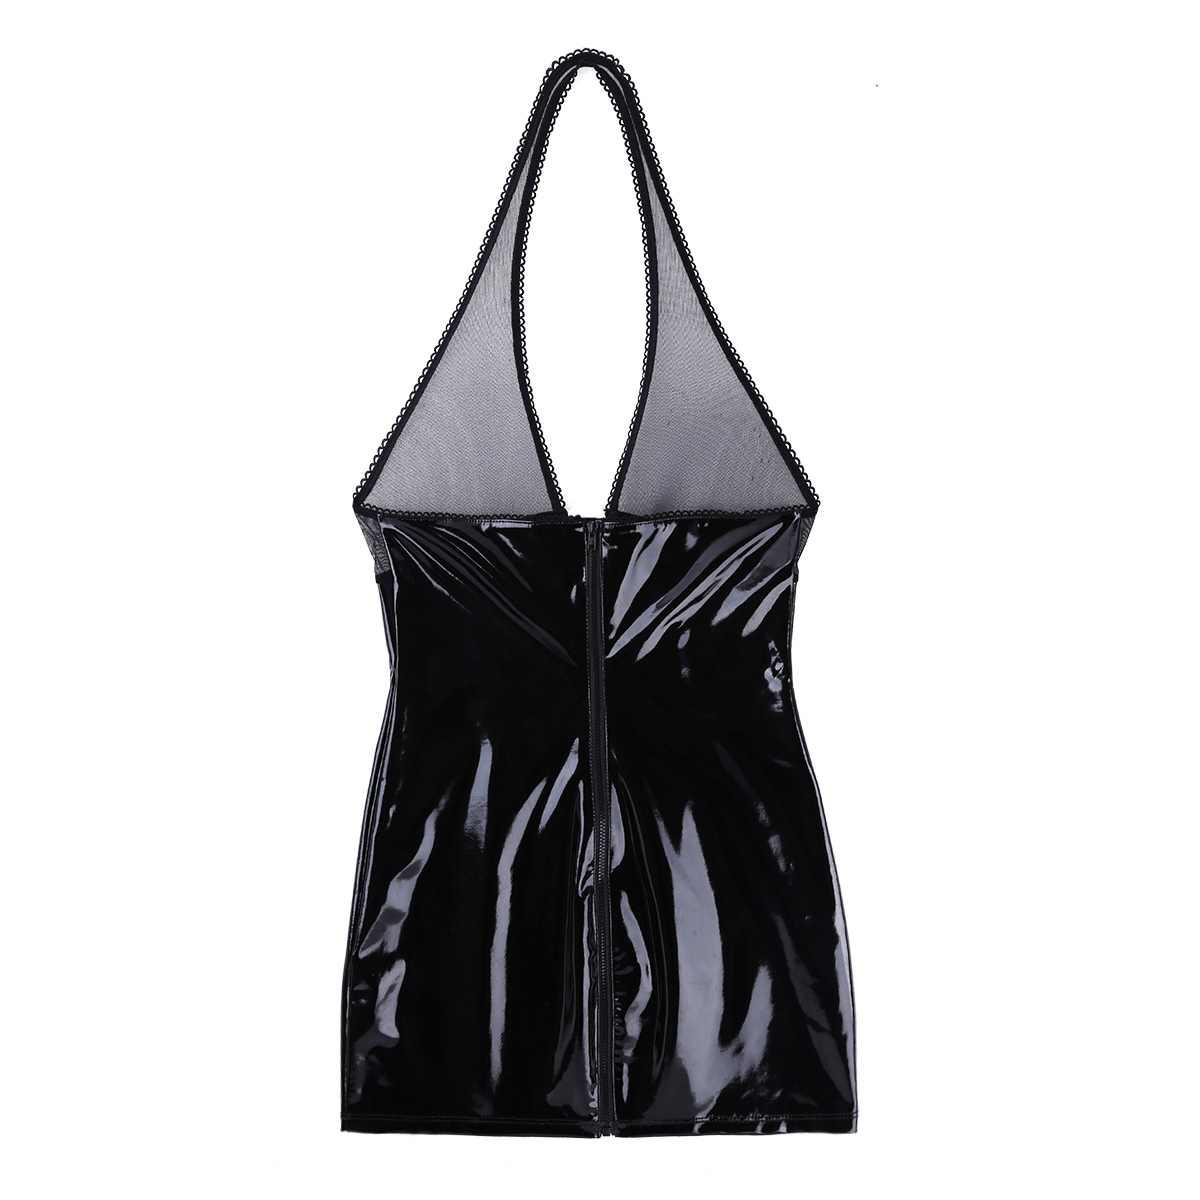 Женское нижнее белье, платье из лакированной кожи, латексное платье, без рукавов, с бретелькой через шею, полупрозрачное, тонкое, вечернее платье, клубная одежда